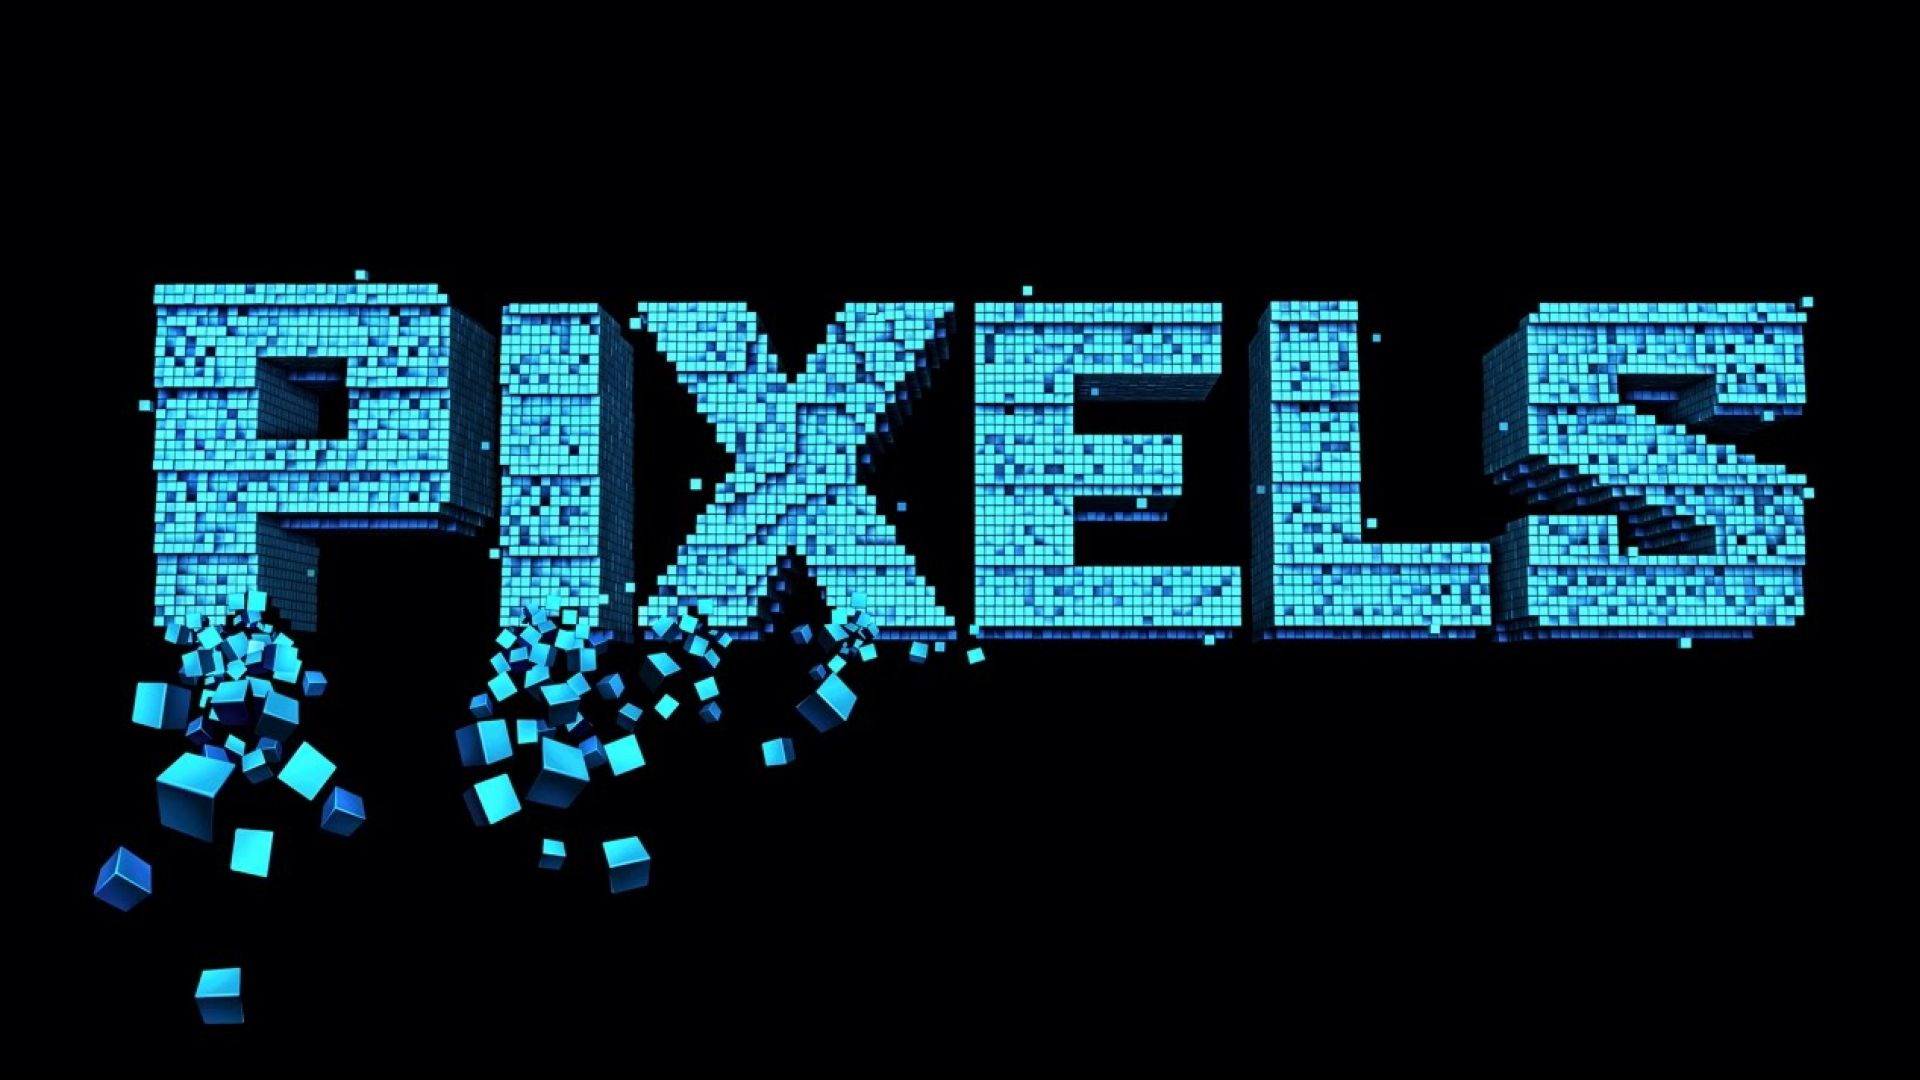 Sneak Peek of Pixels